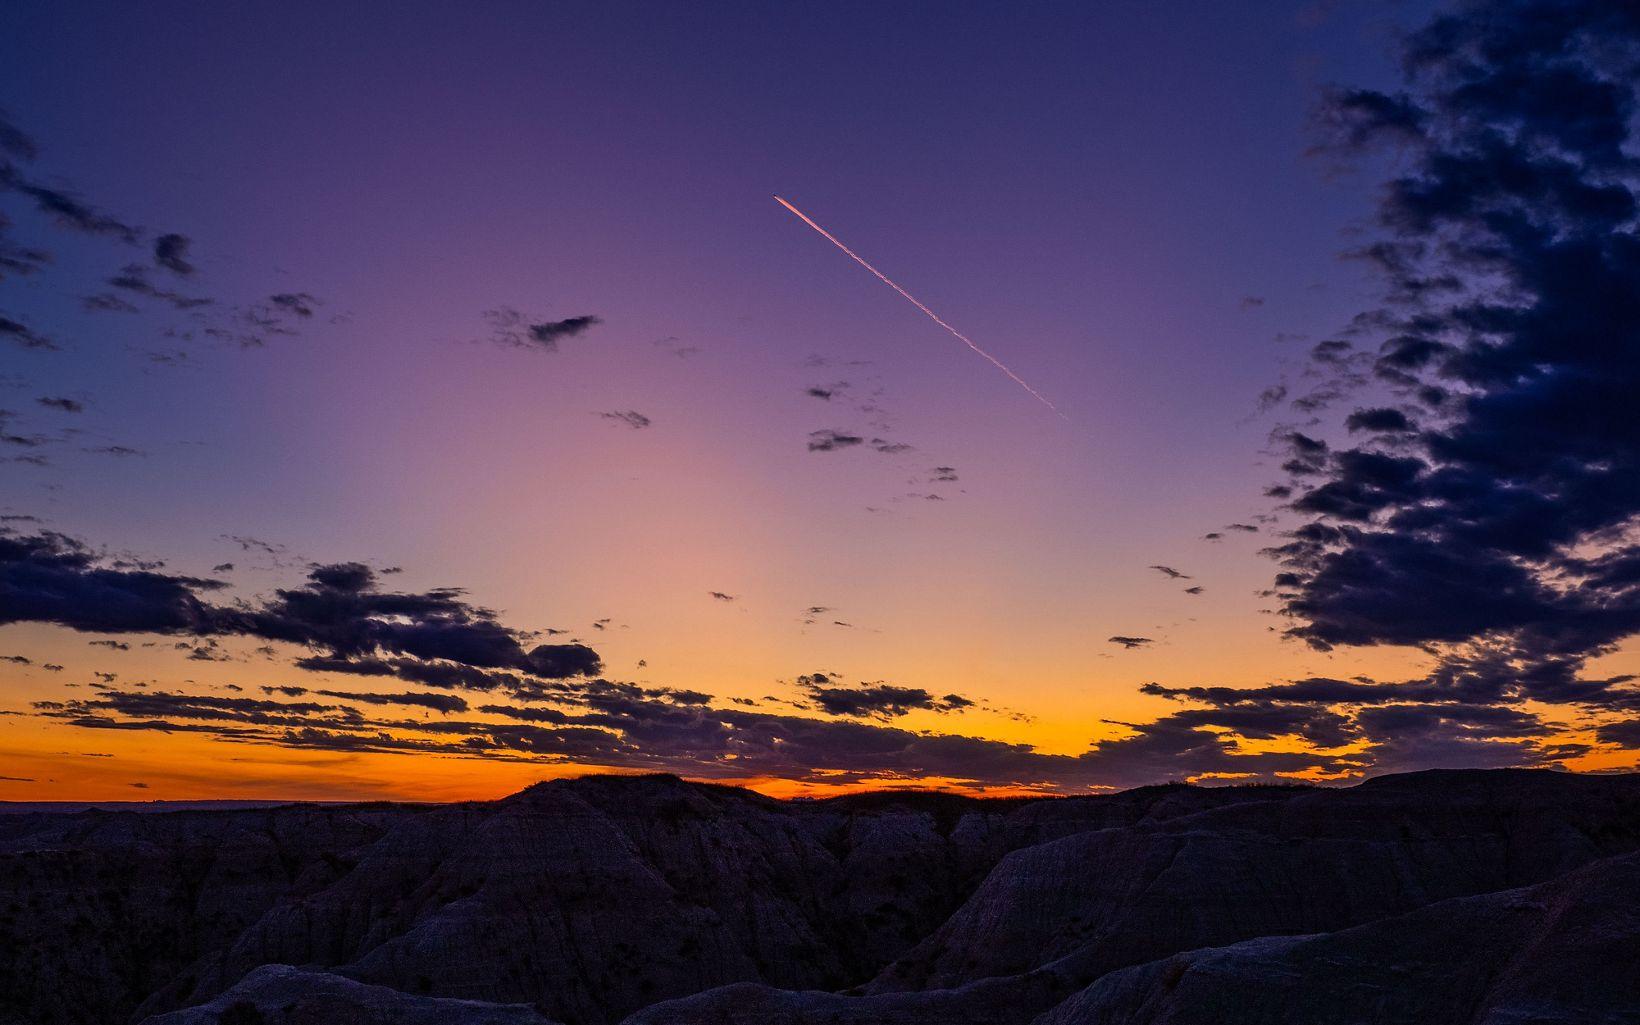 Jet Trail at sunset in Badlands National Park